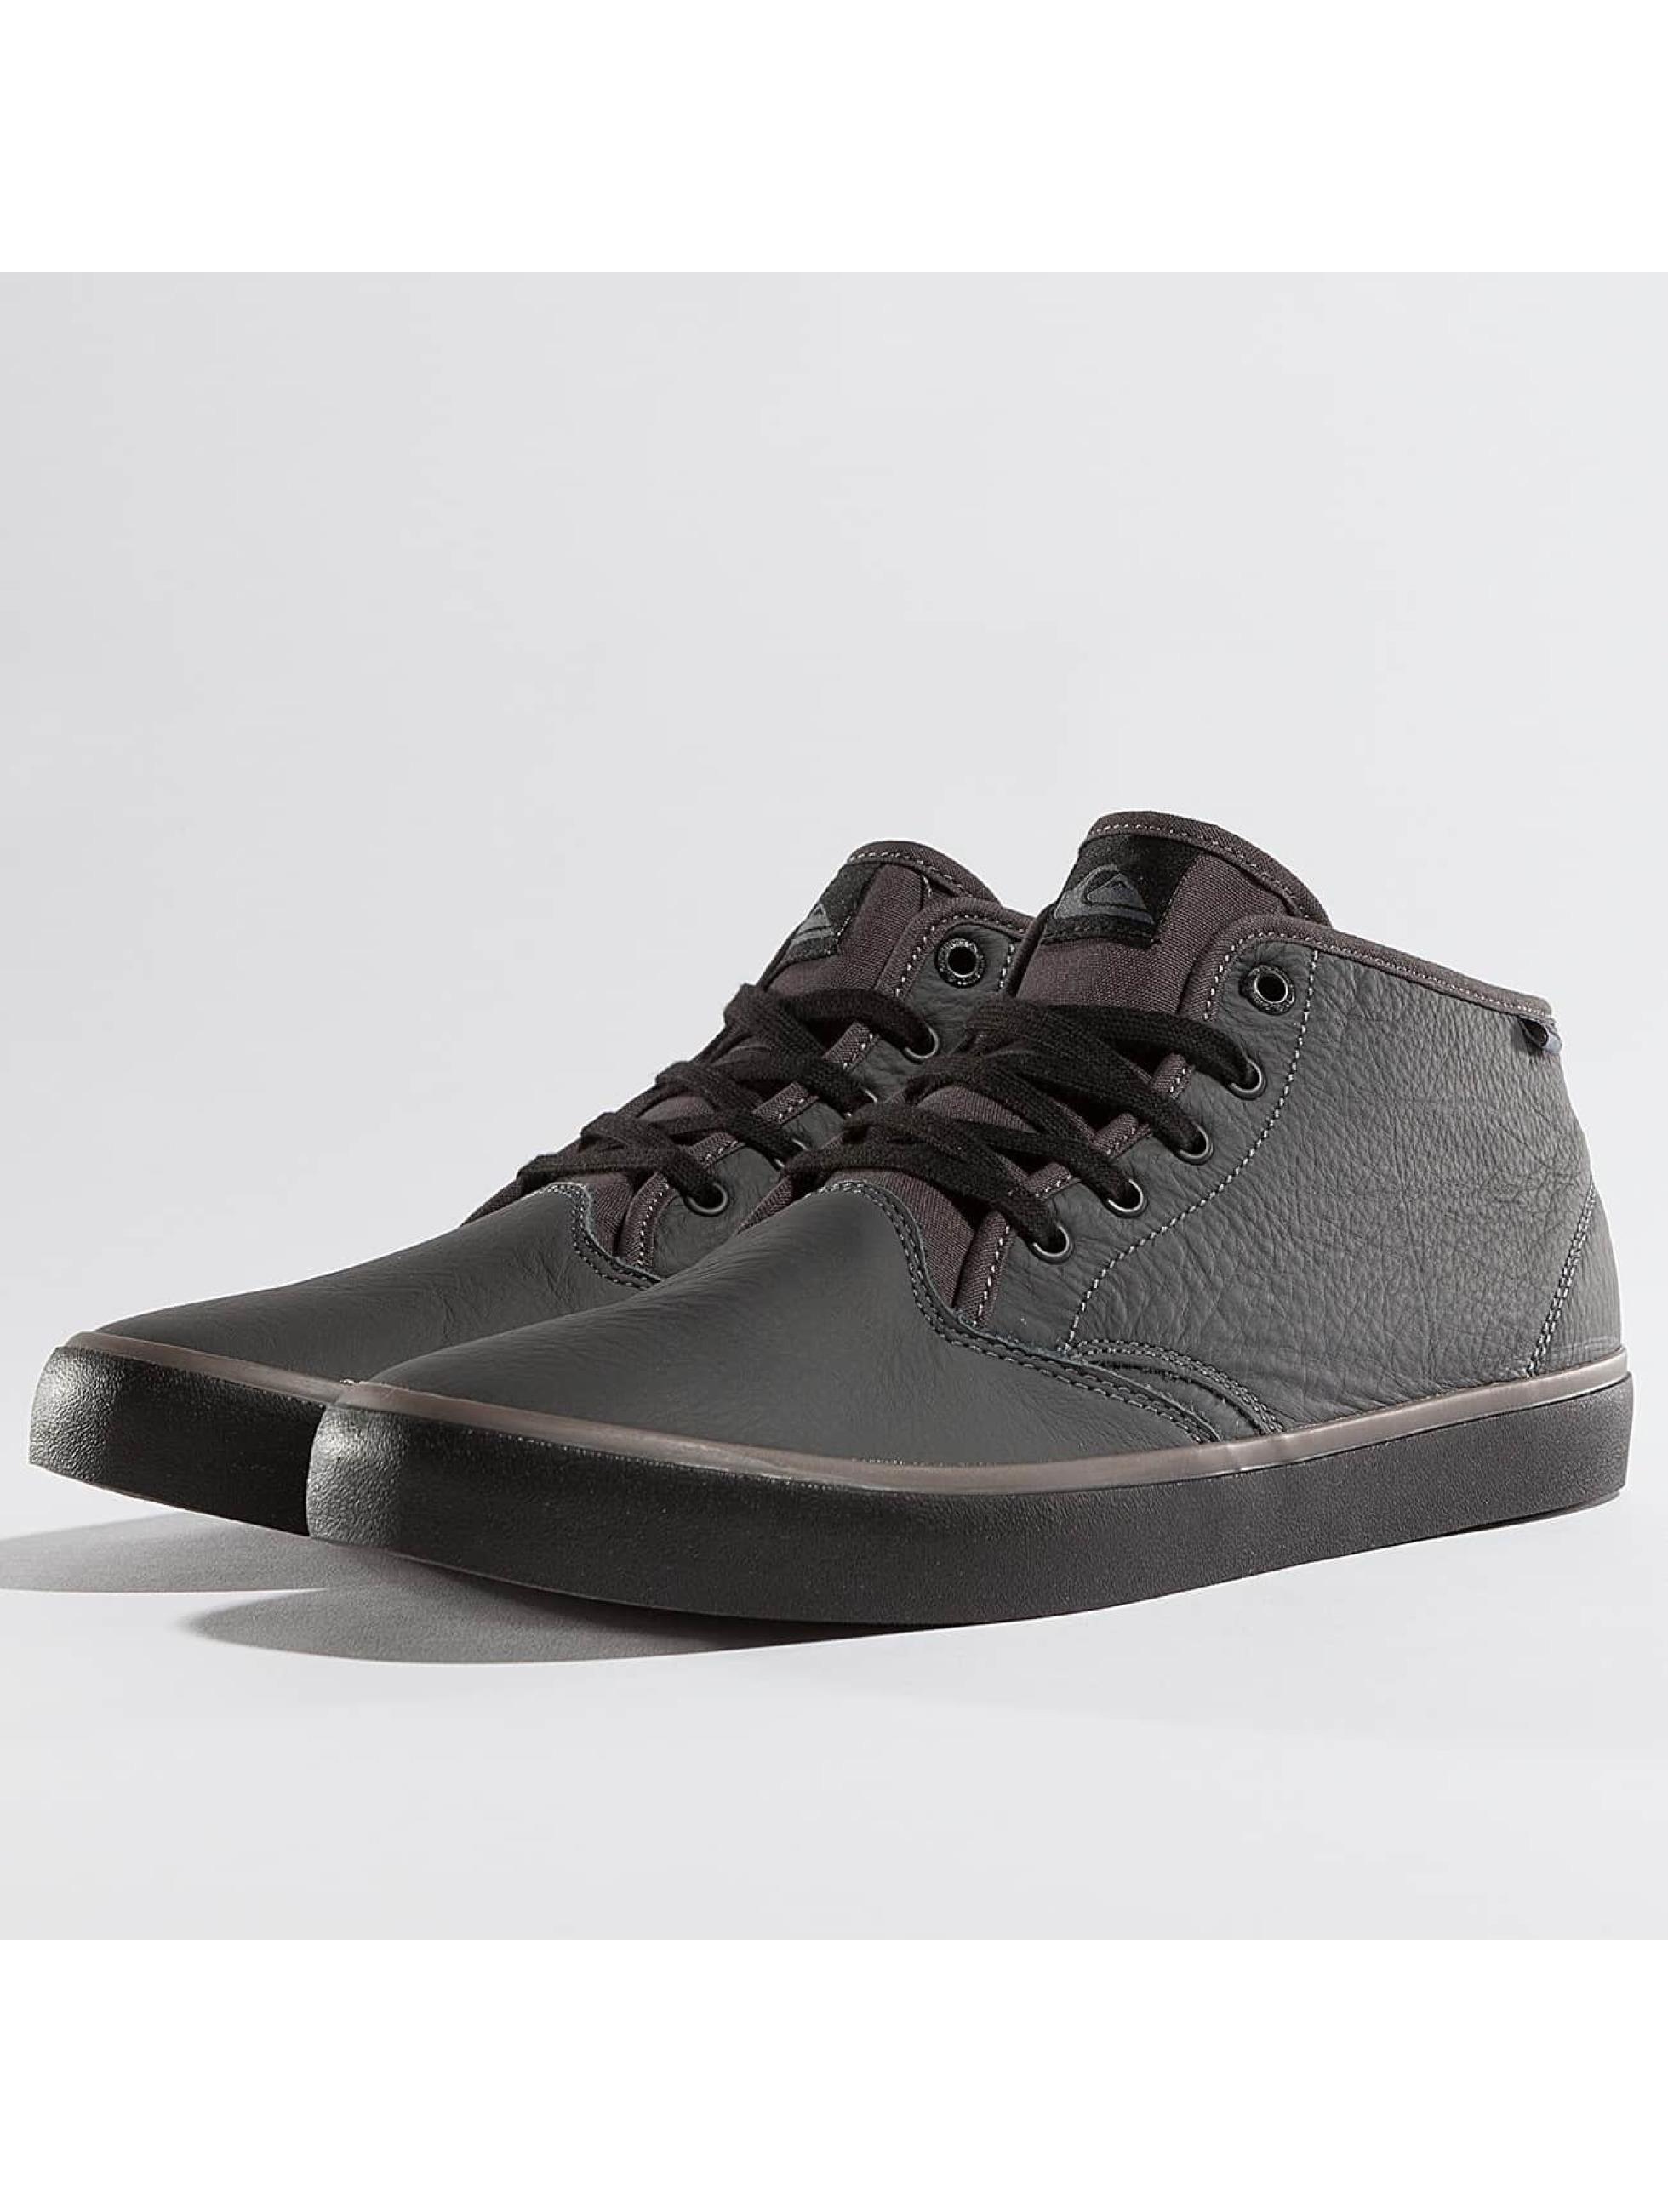 Quiksilver sneaker Shorebreak PM Mid grijs